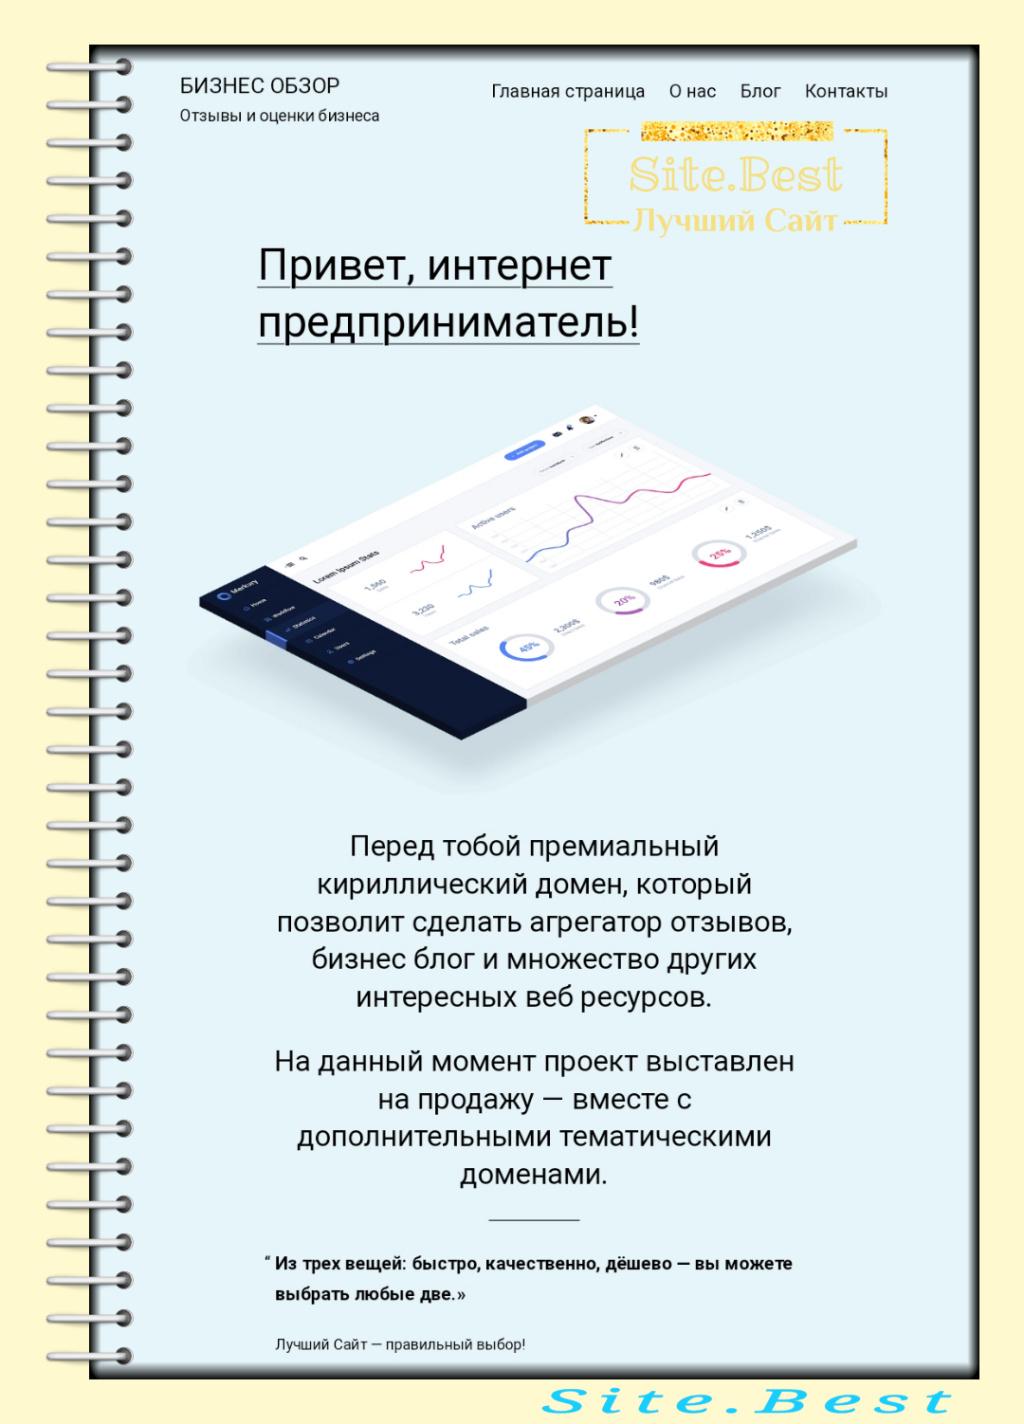 Продажа сайта для отзывов про бизнес